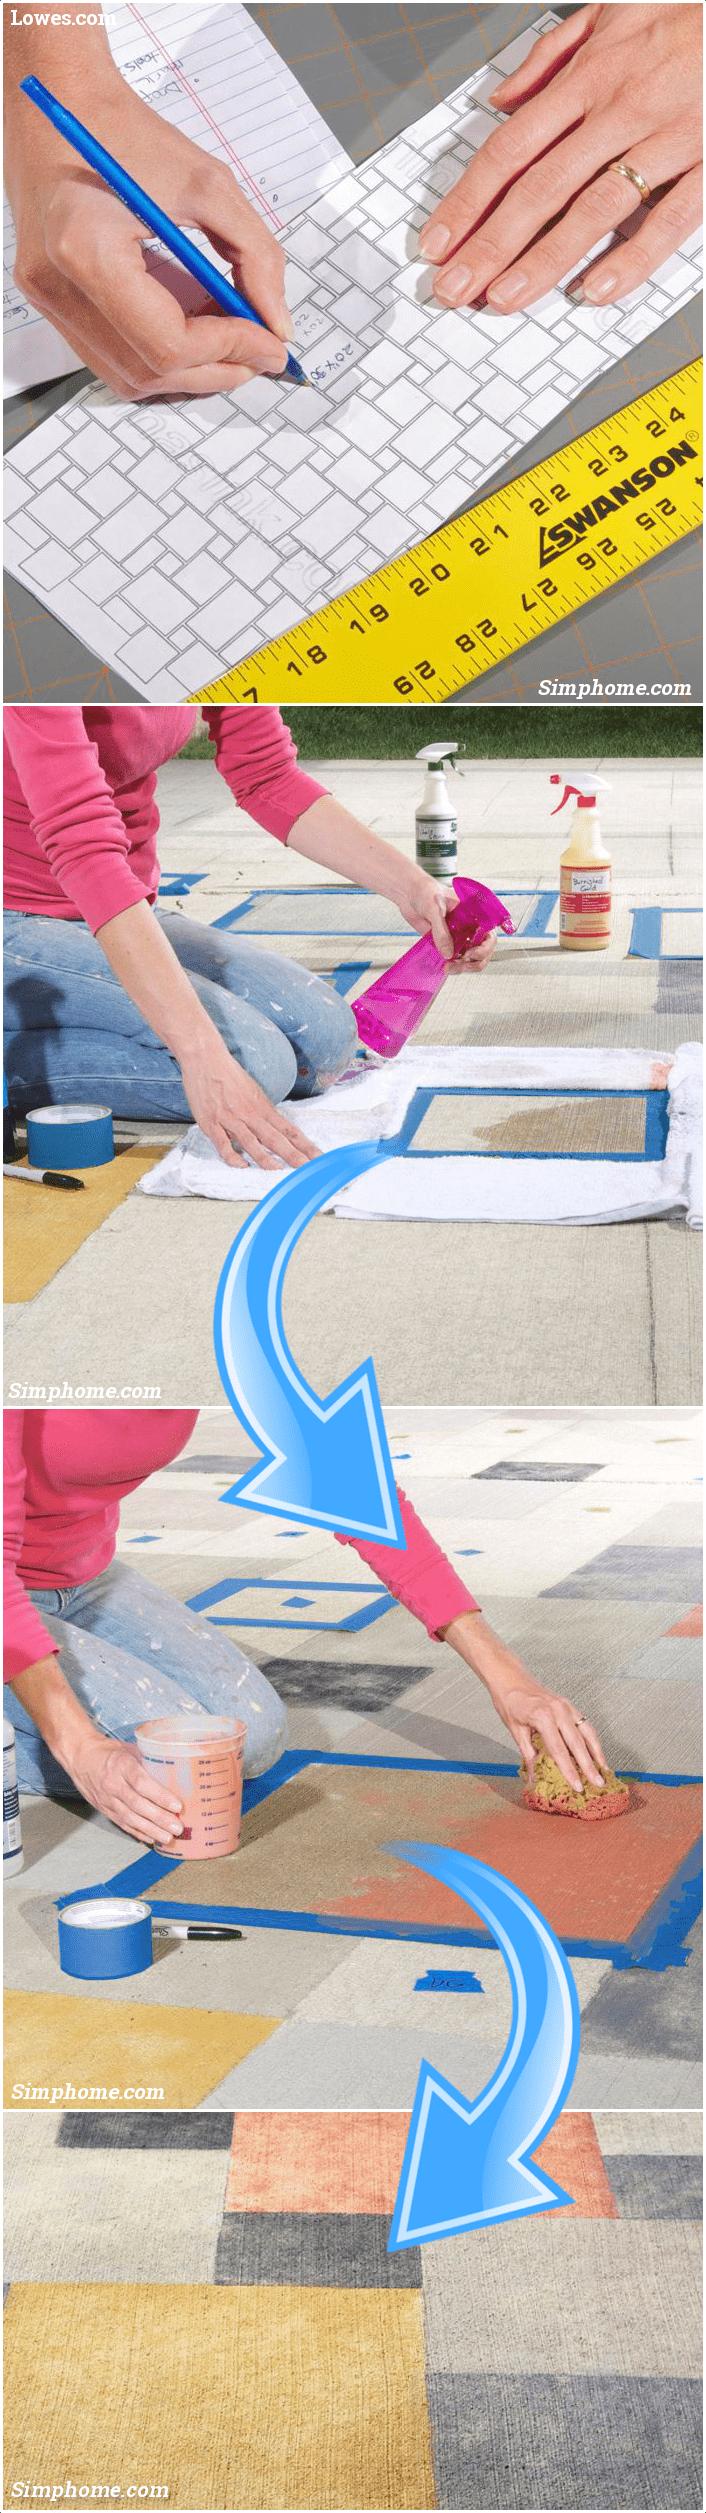 1.A Rug Made of Concrete via Simphome.com